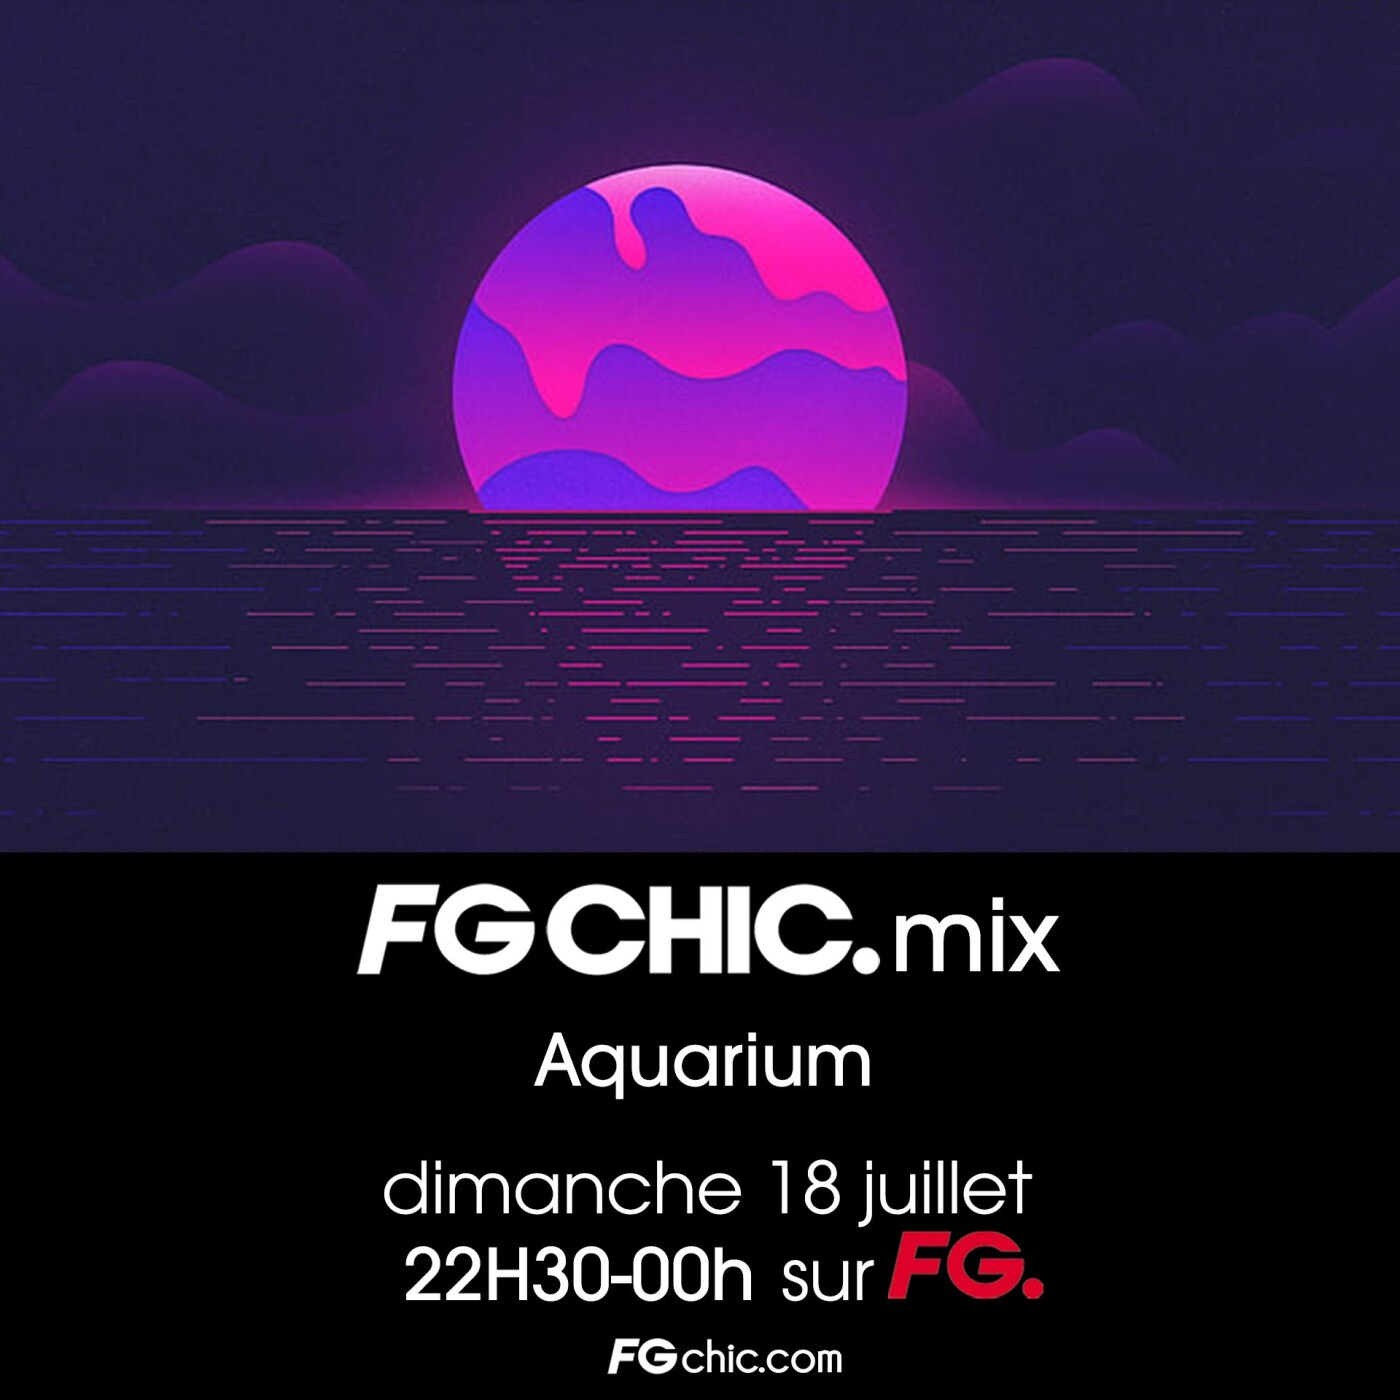 FG CHIC MIX BY L'AQUARIUM